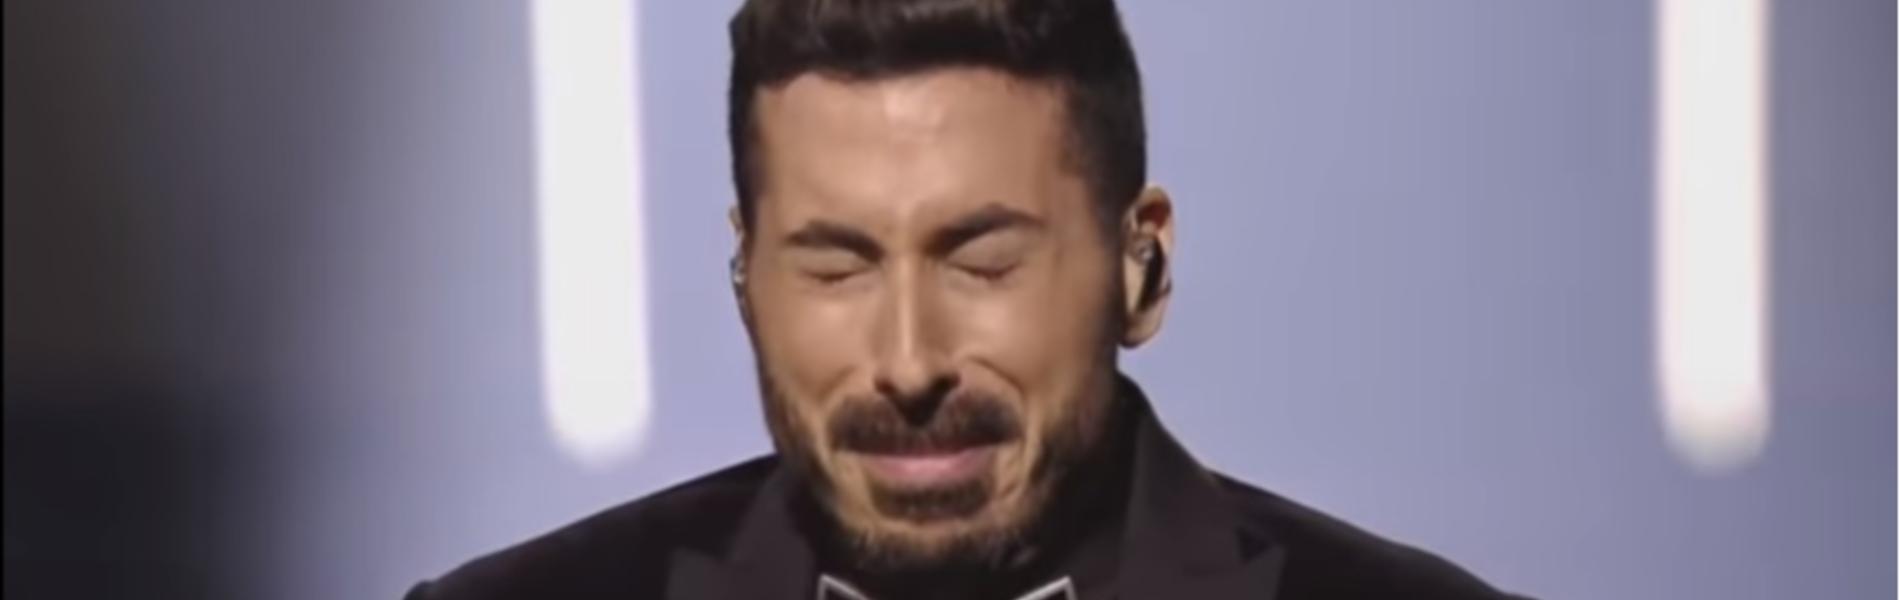 למה הבכי של מרימי הוא הדבר הכי טוב שקרה באירוויזיון?